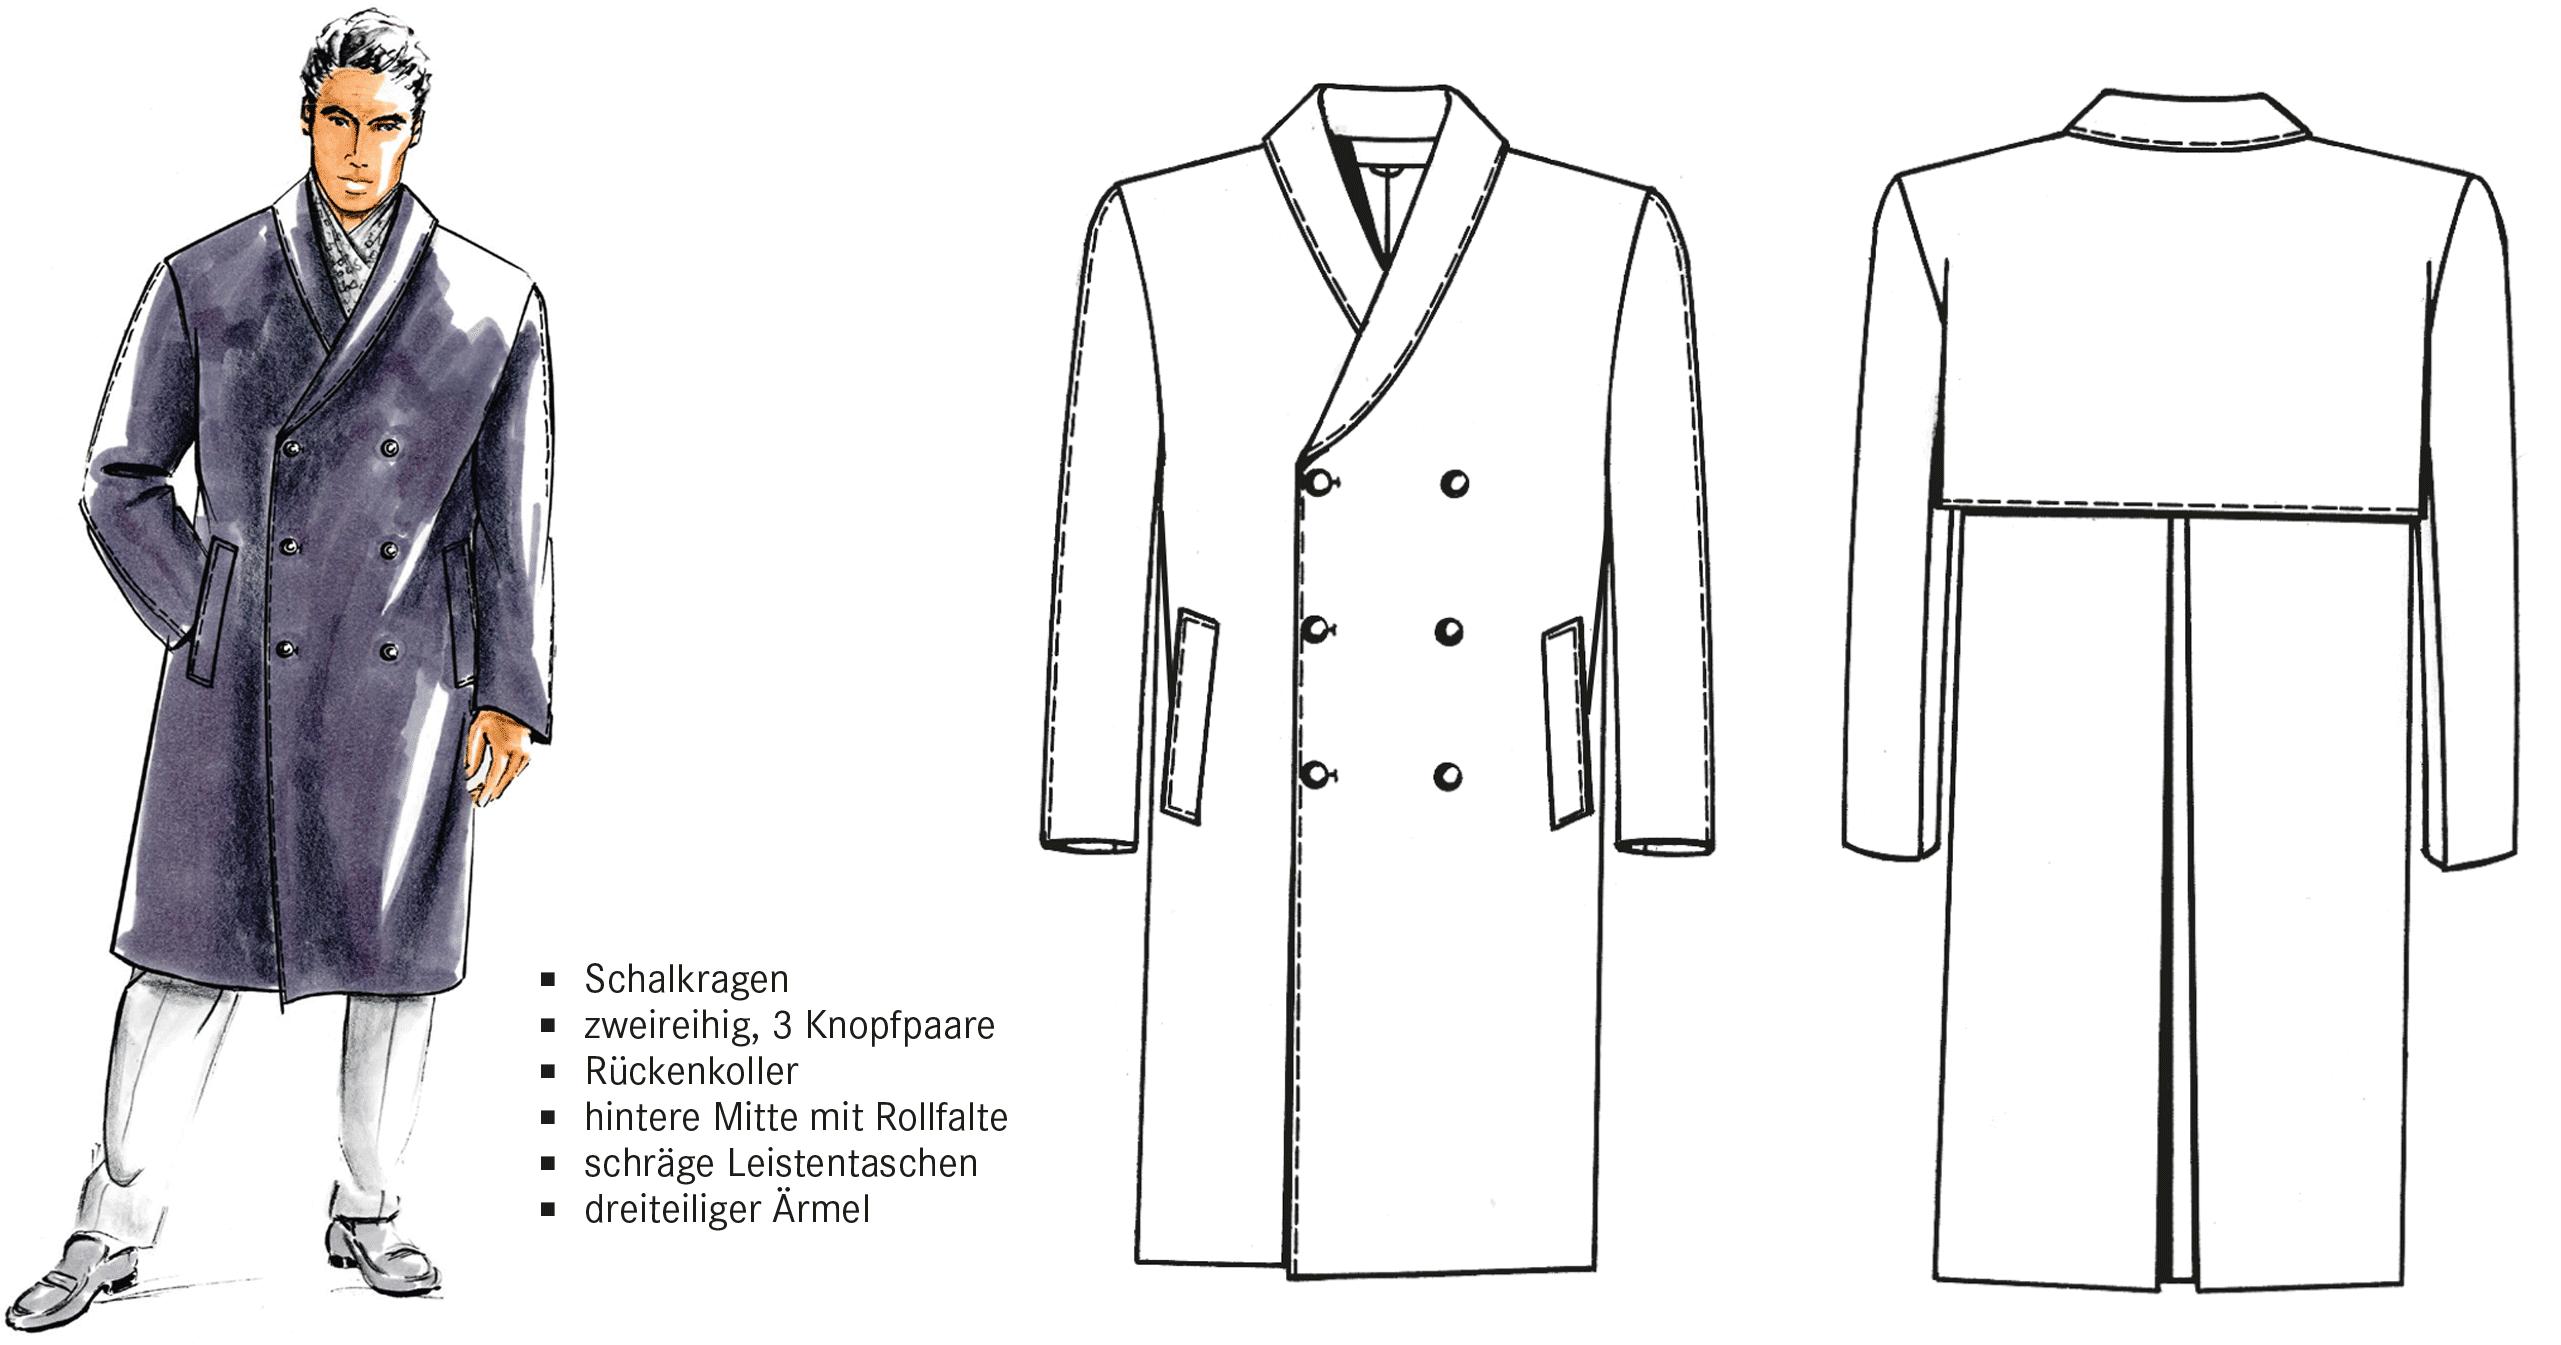 Die Abbildung zeigt die Schnitttechnik eines Doppelreihers mit Kimonoärmeln.